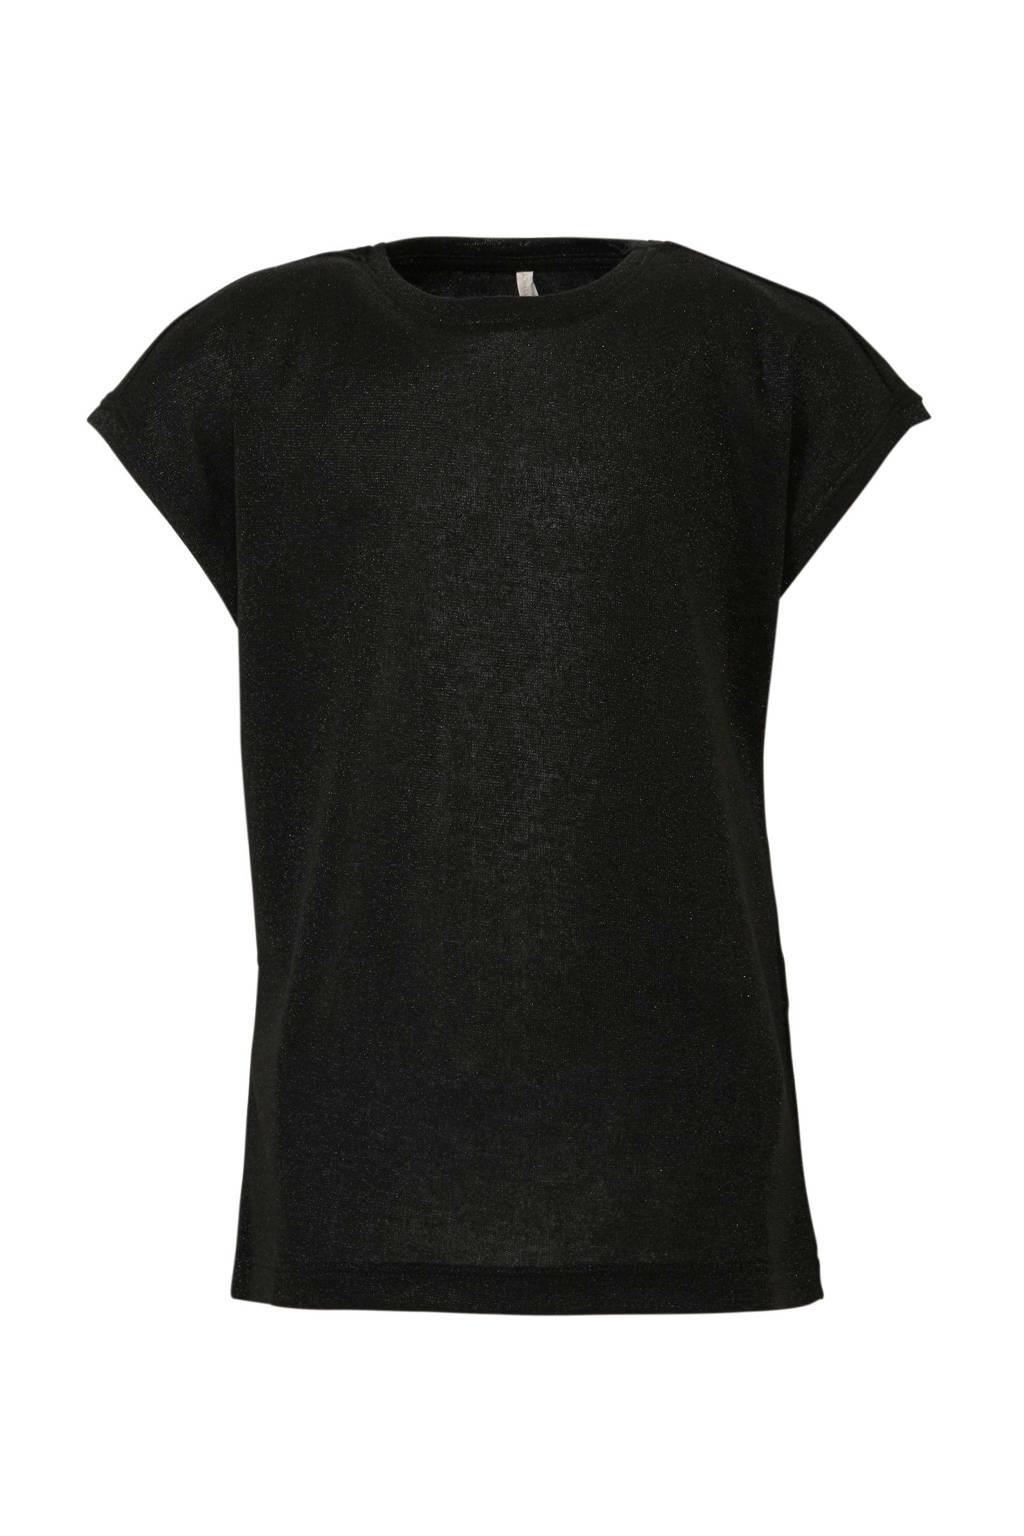 KIDS ONLY glitter T-shirt Silvery zwart, Zwart